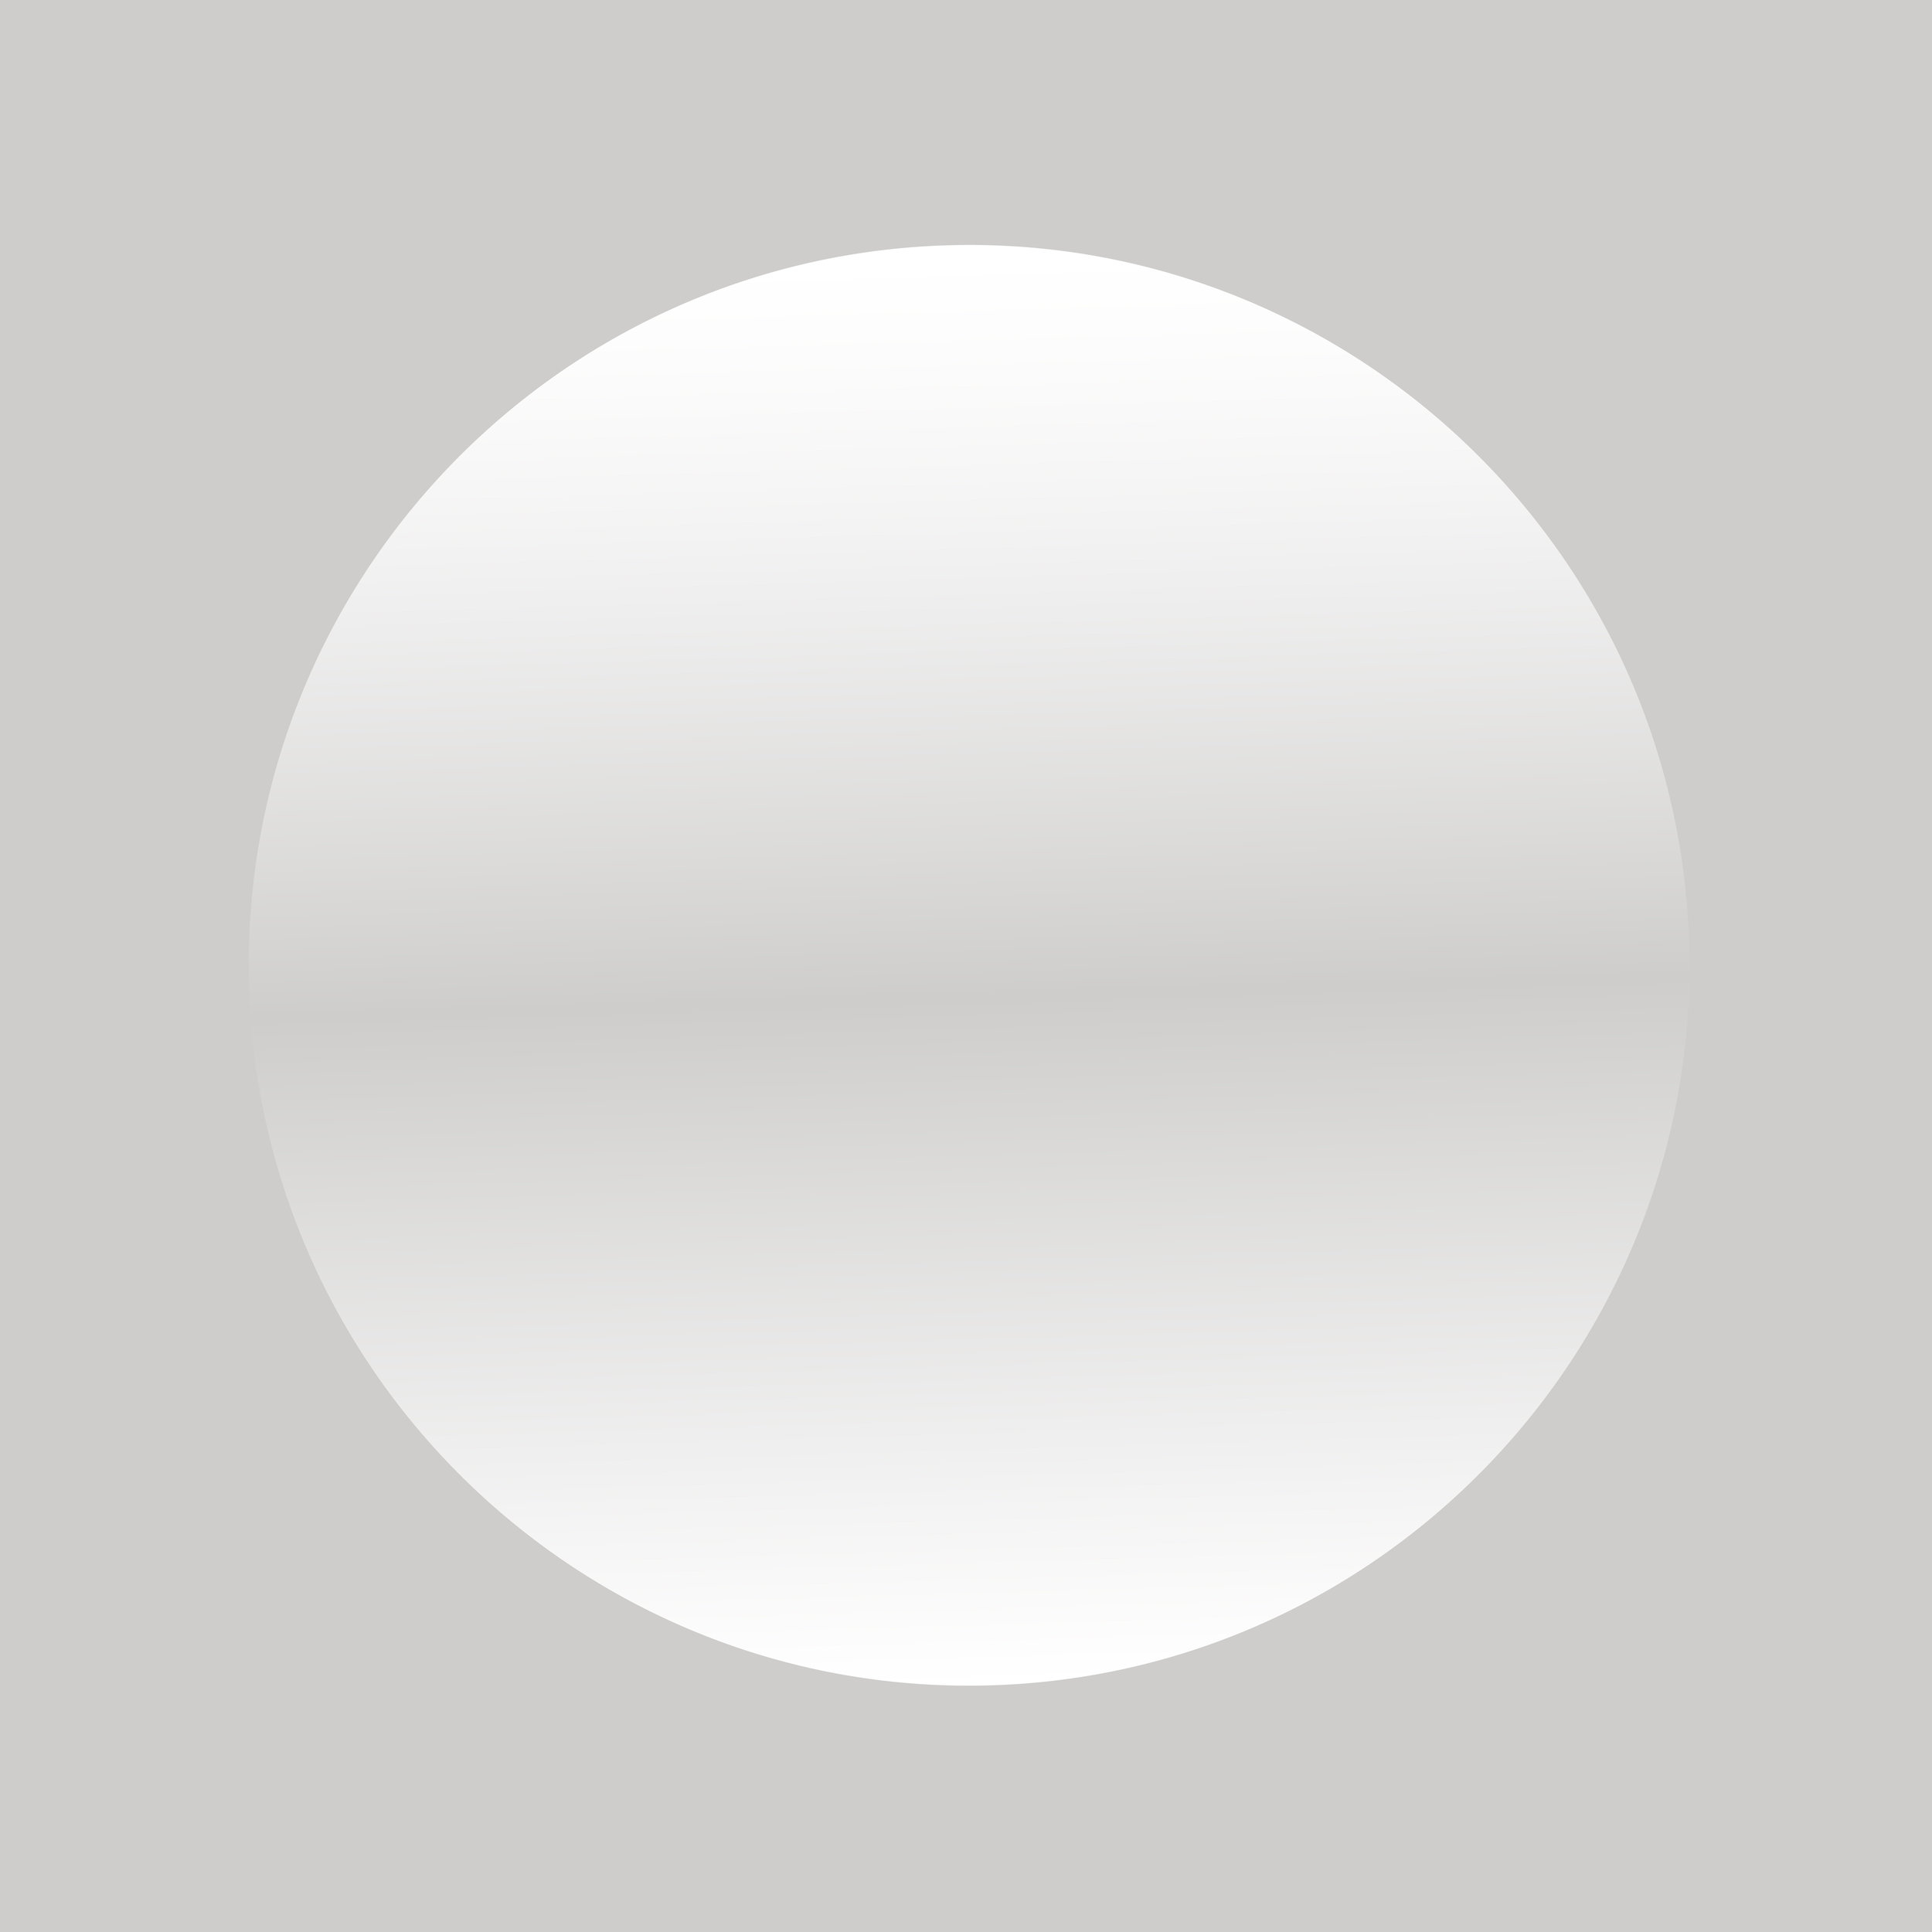 BallPatter_2-31.jpg